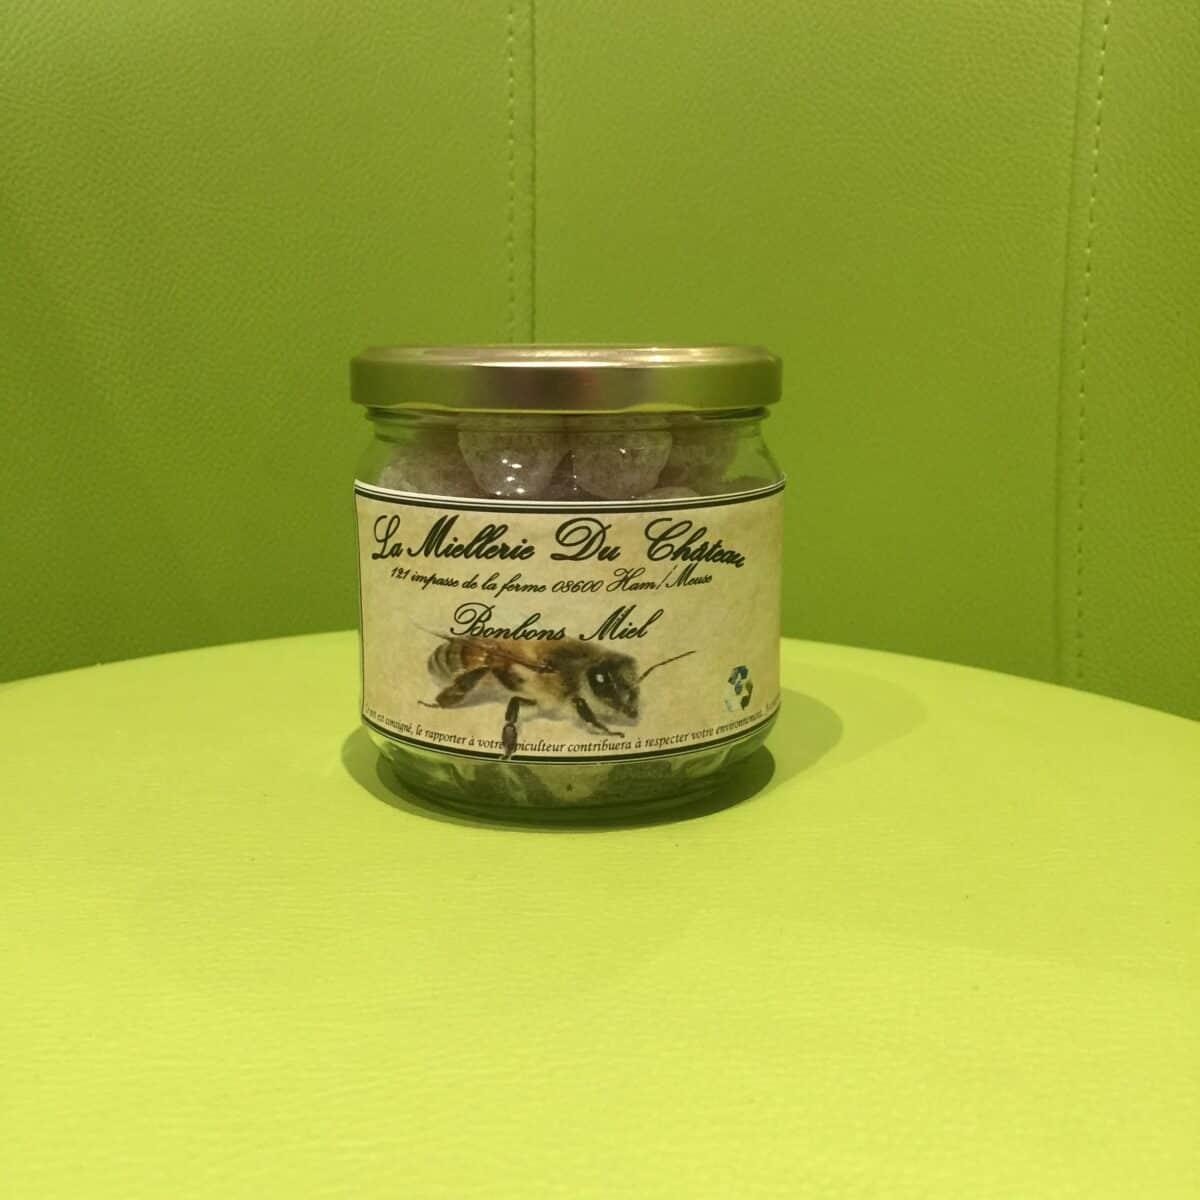 Bonbon, Miel, Ducateau, Pnr, Vat, Ardennes, Abeille Noire (1)